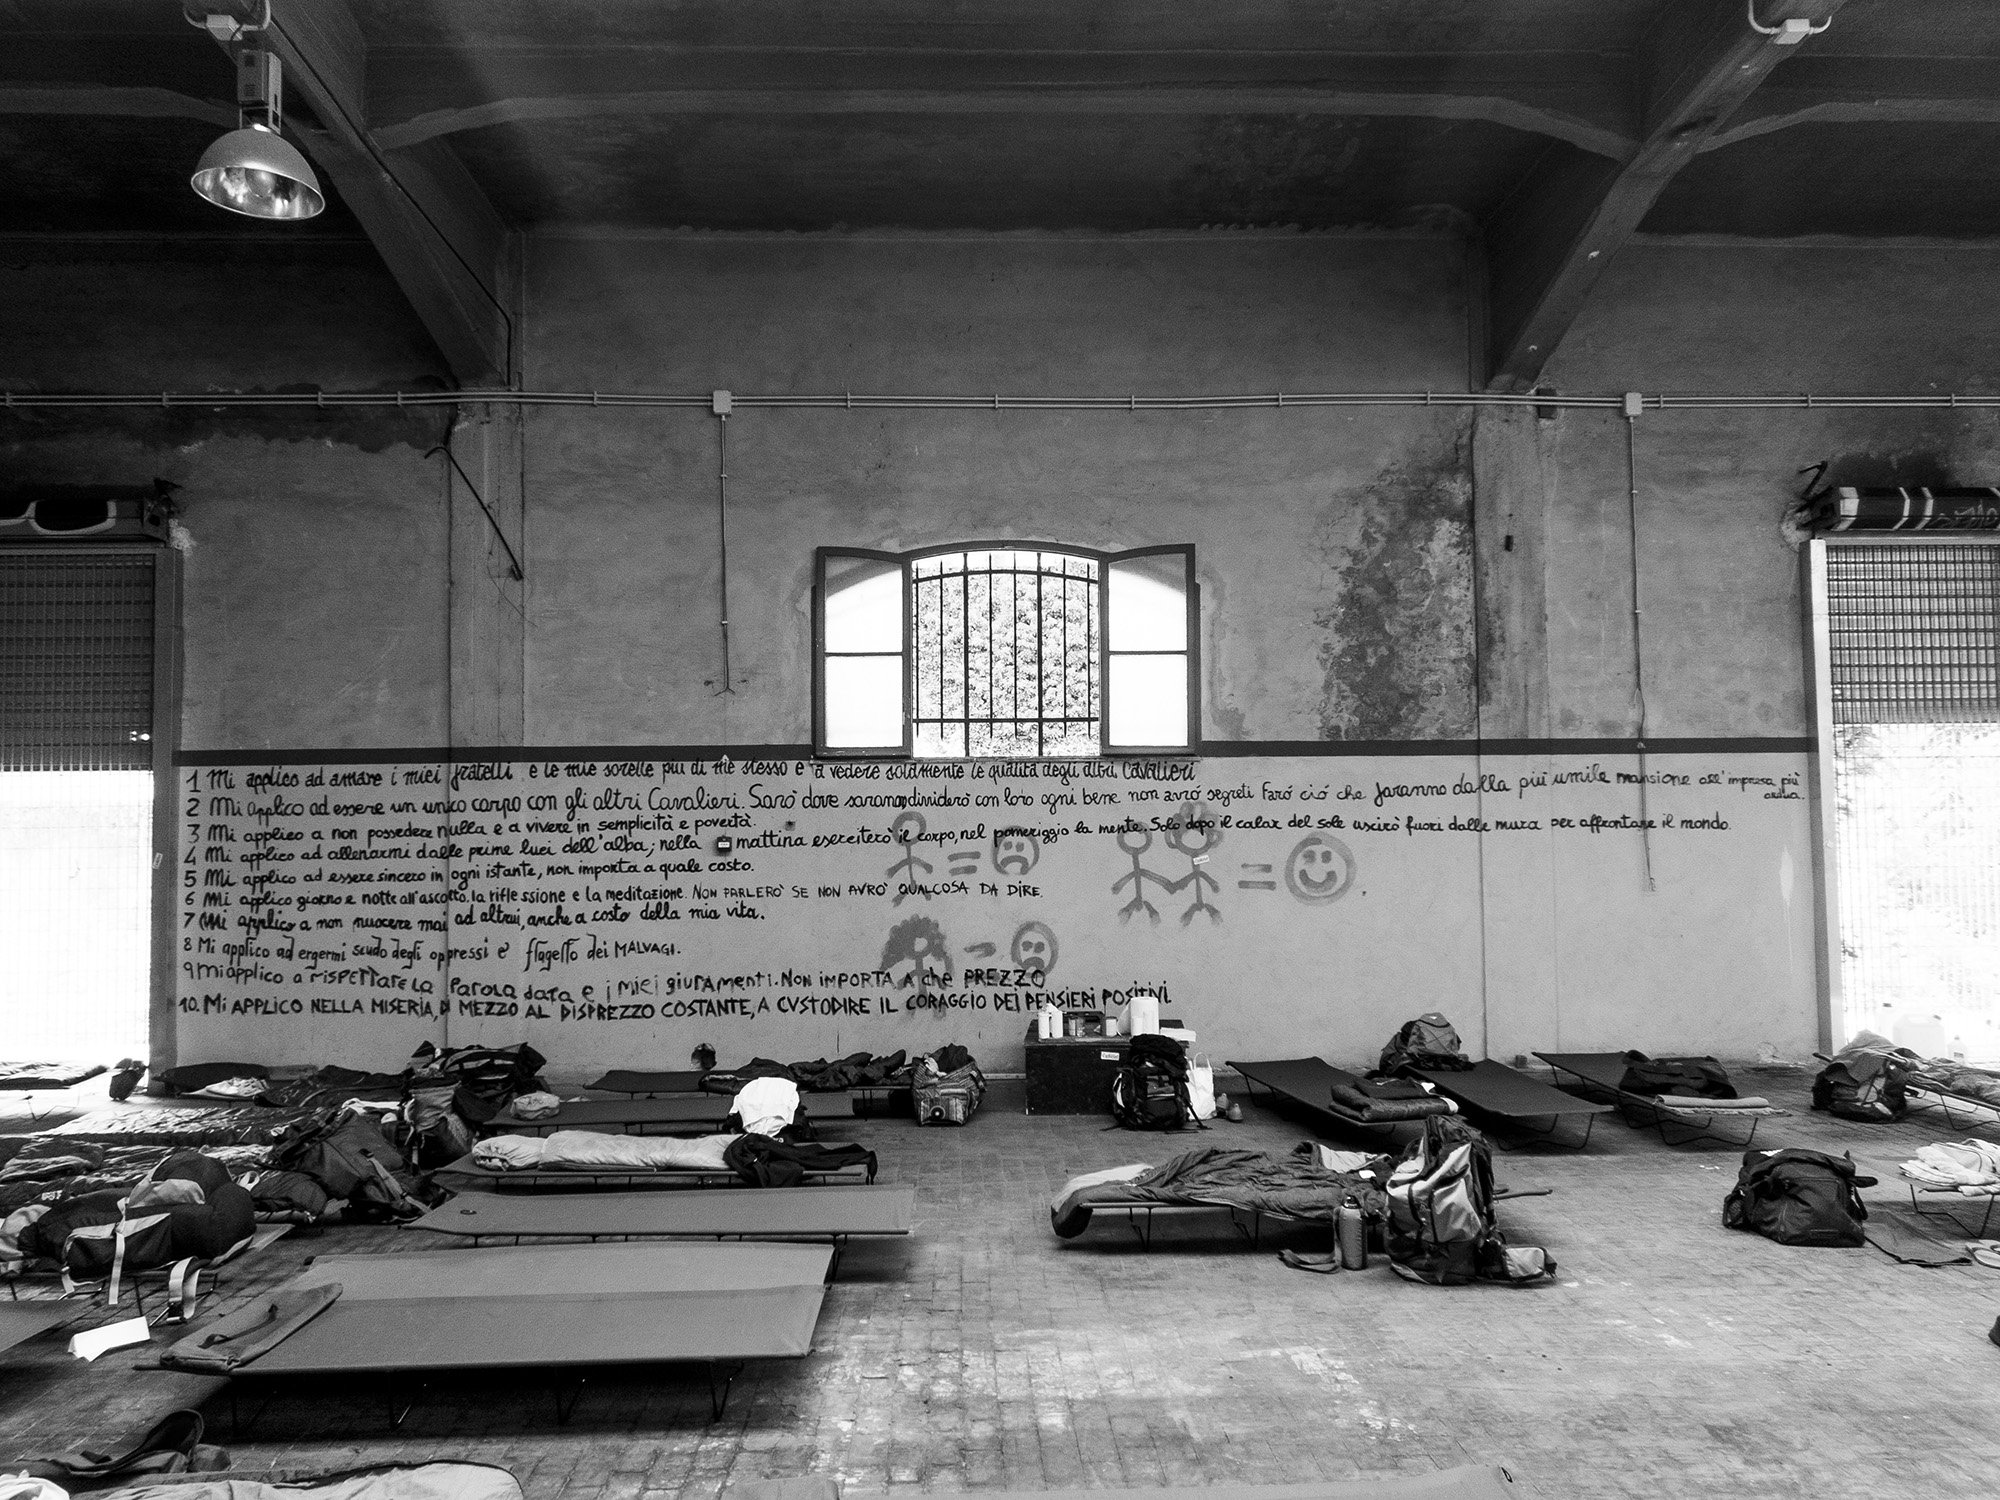 La Leggenda di Parsifal - Il dormitorio dei Cavalieri. Foto: A. Buccella